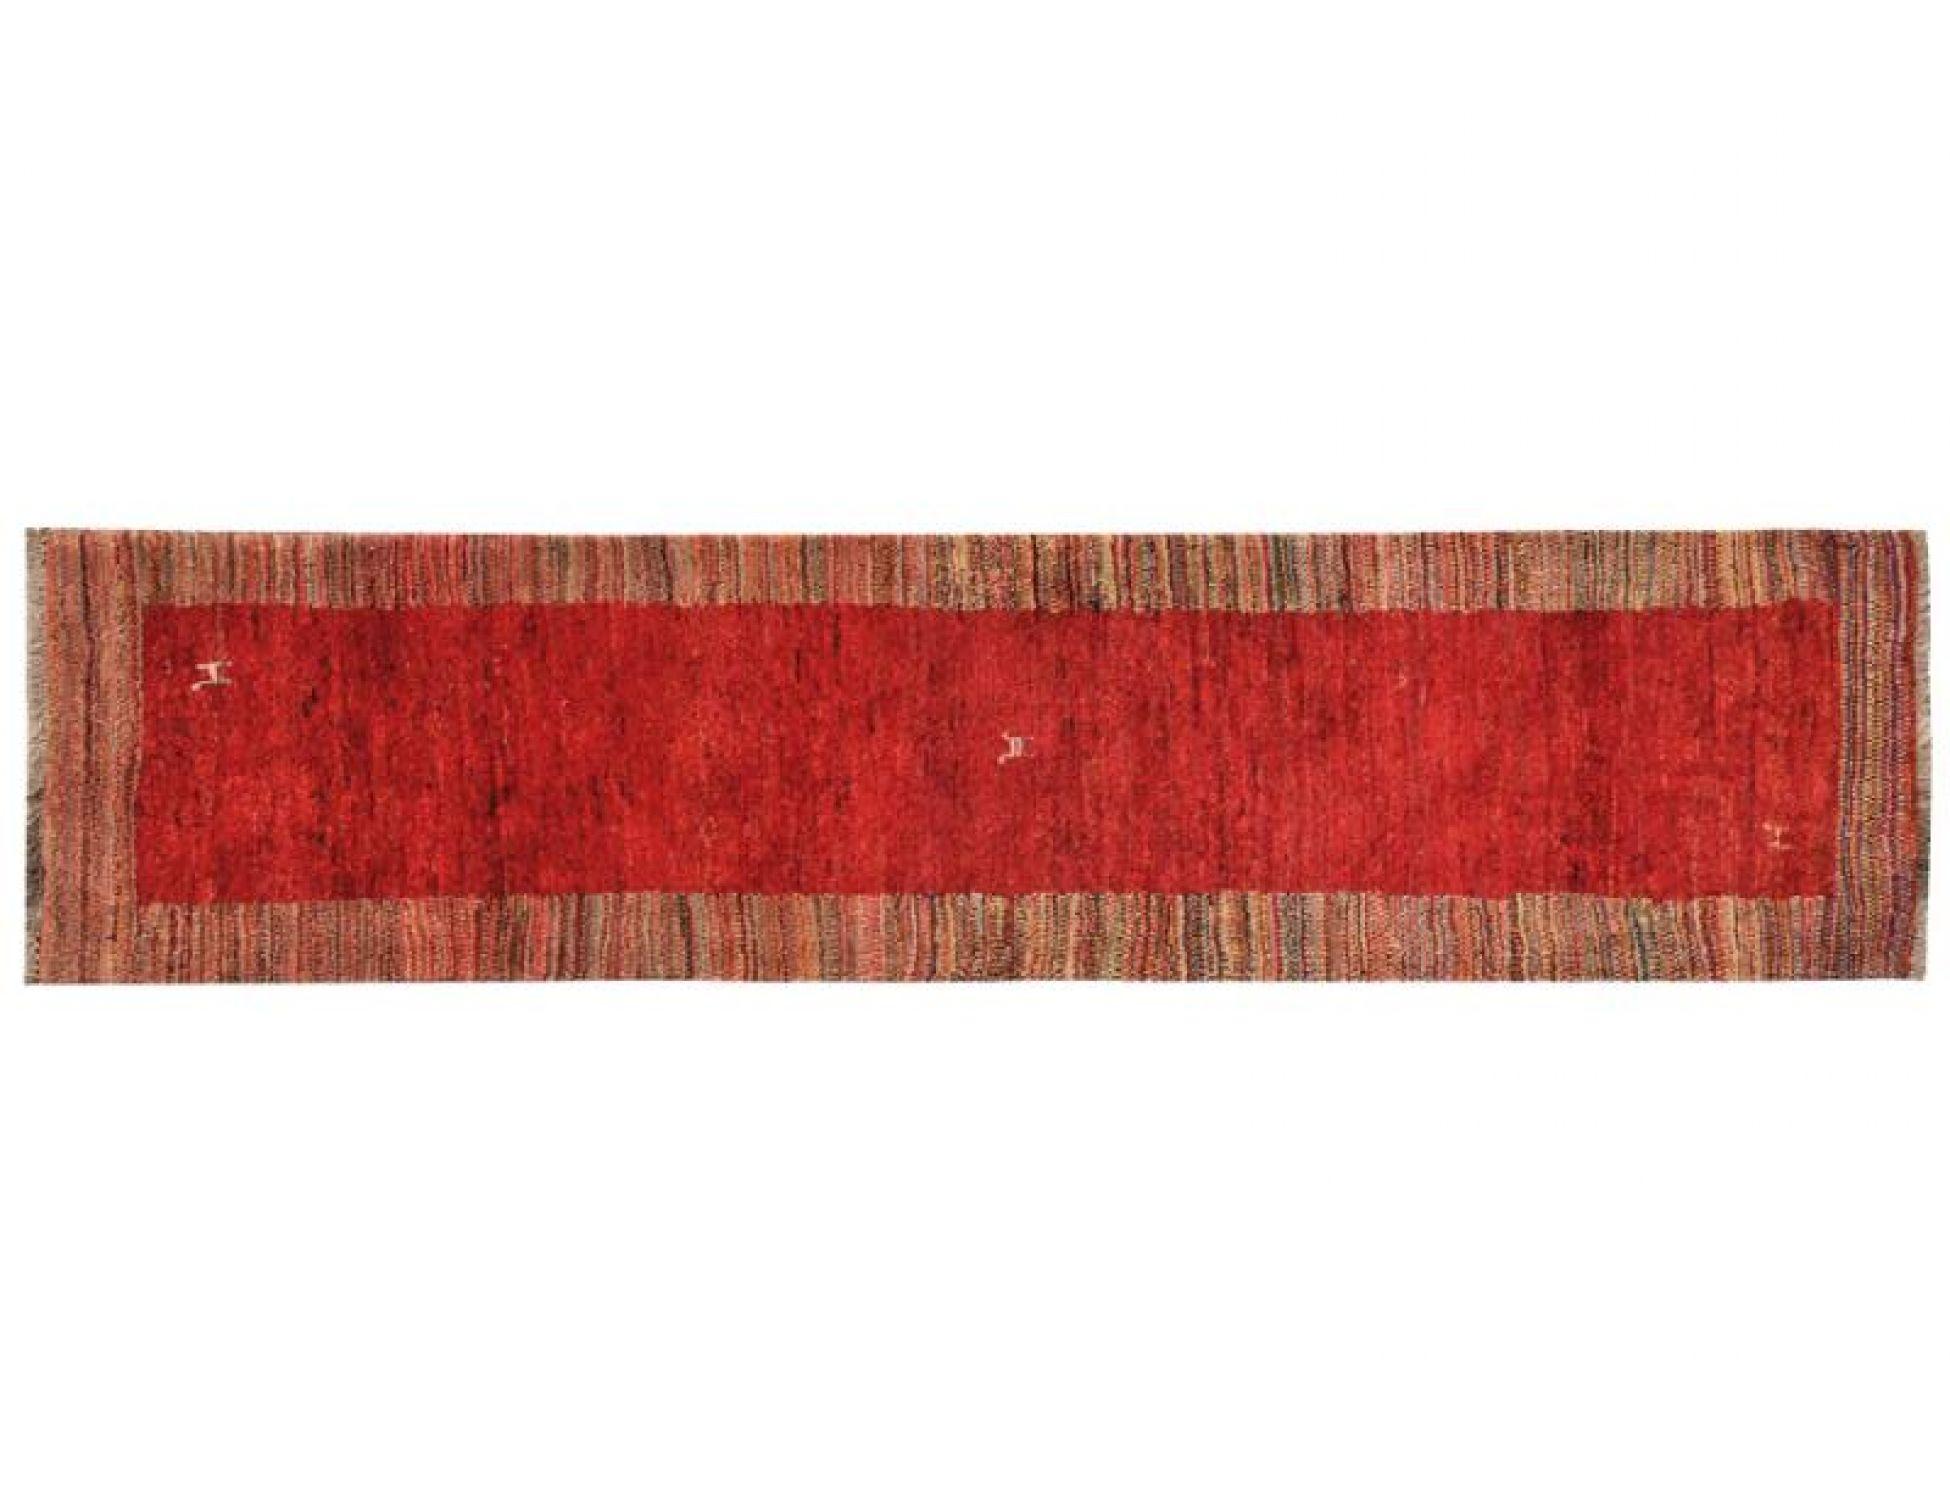 Moderne Teppiche   <br/>305 x 78 cm